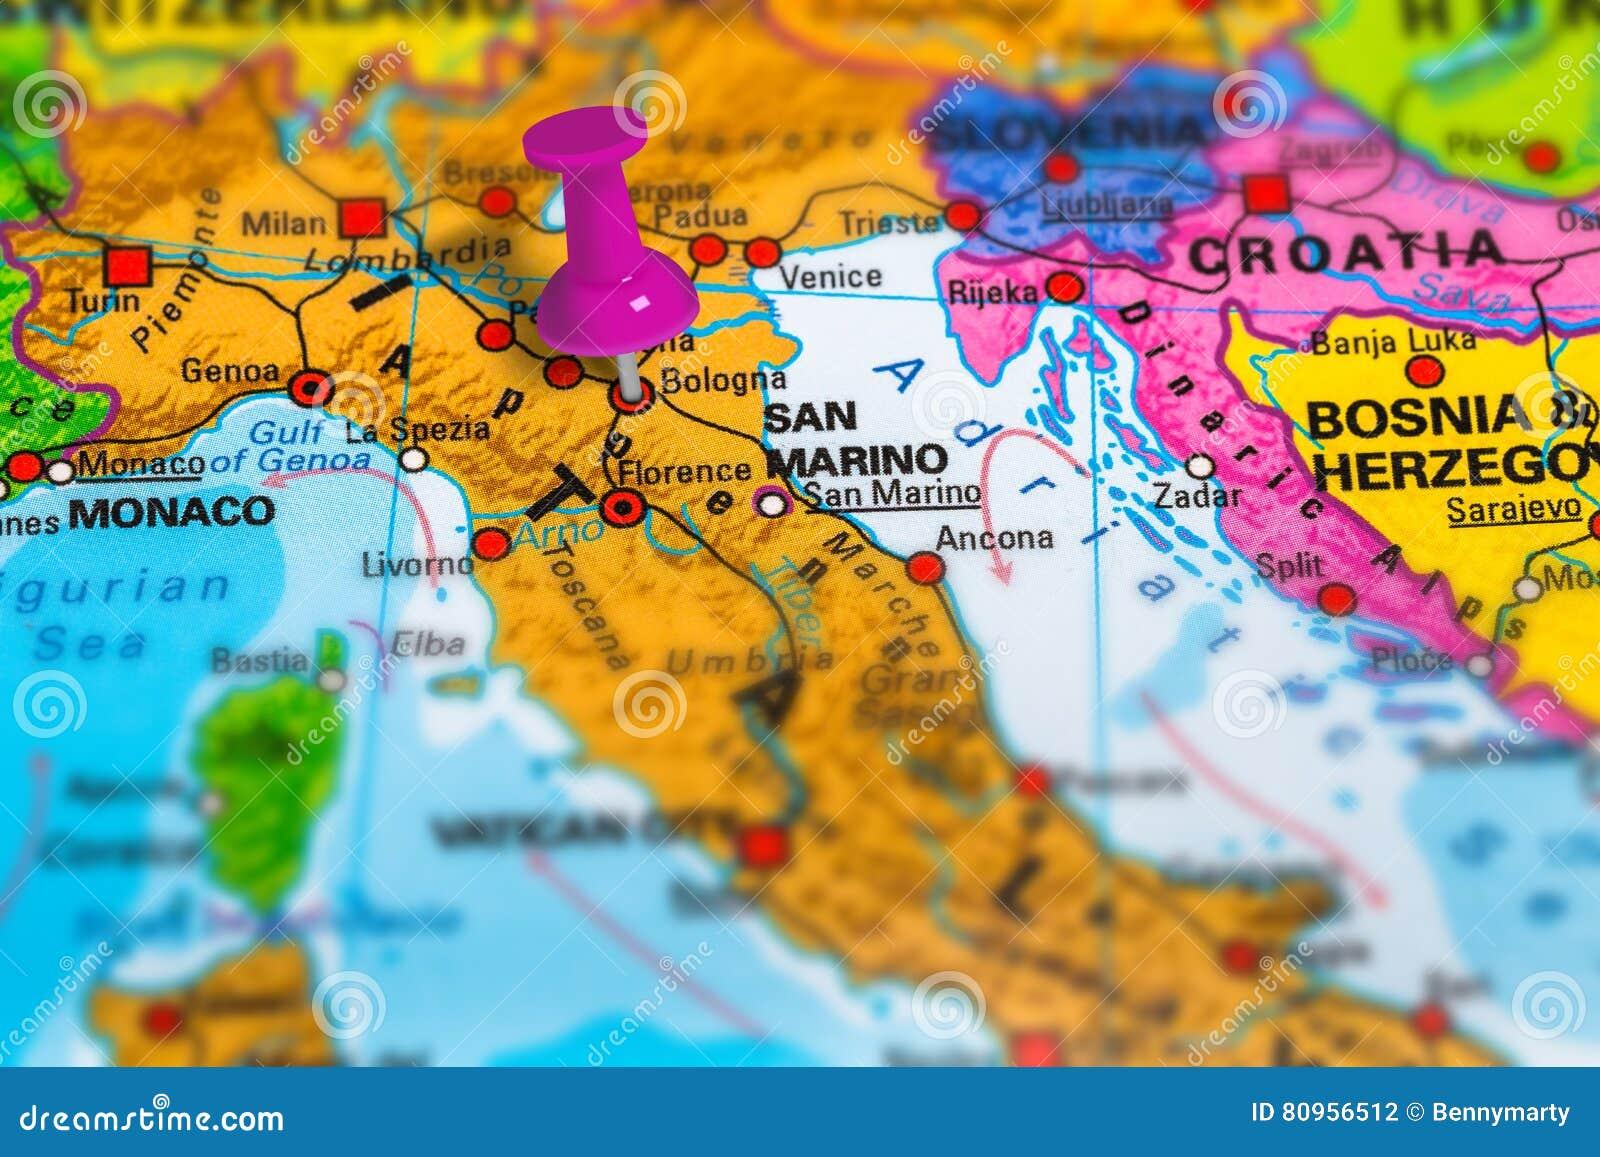 Xarths Ths Mpolonias Italia Stok Eikones Eikona Apo Italia